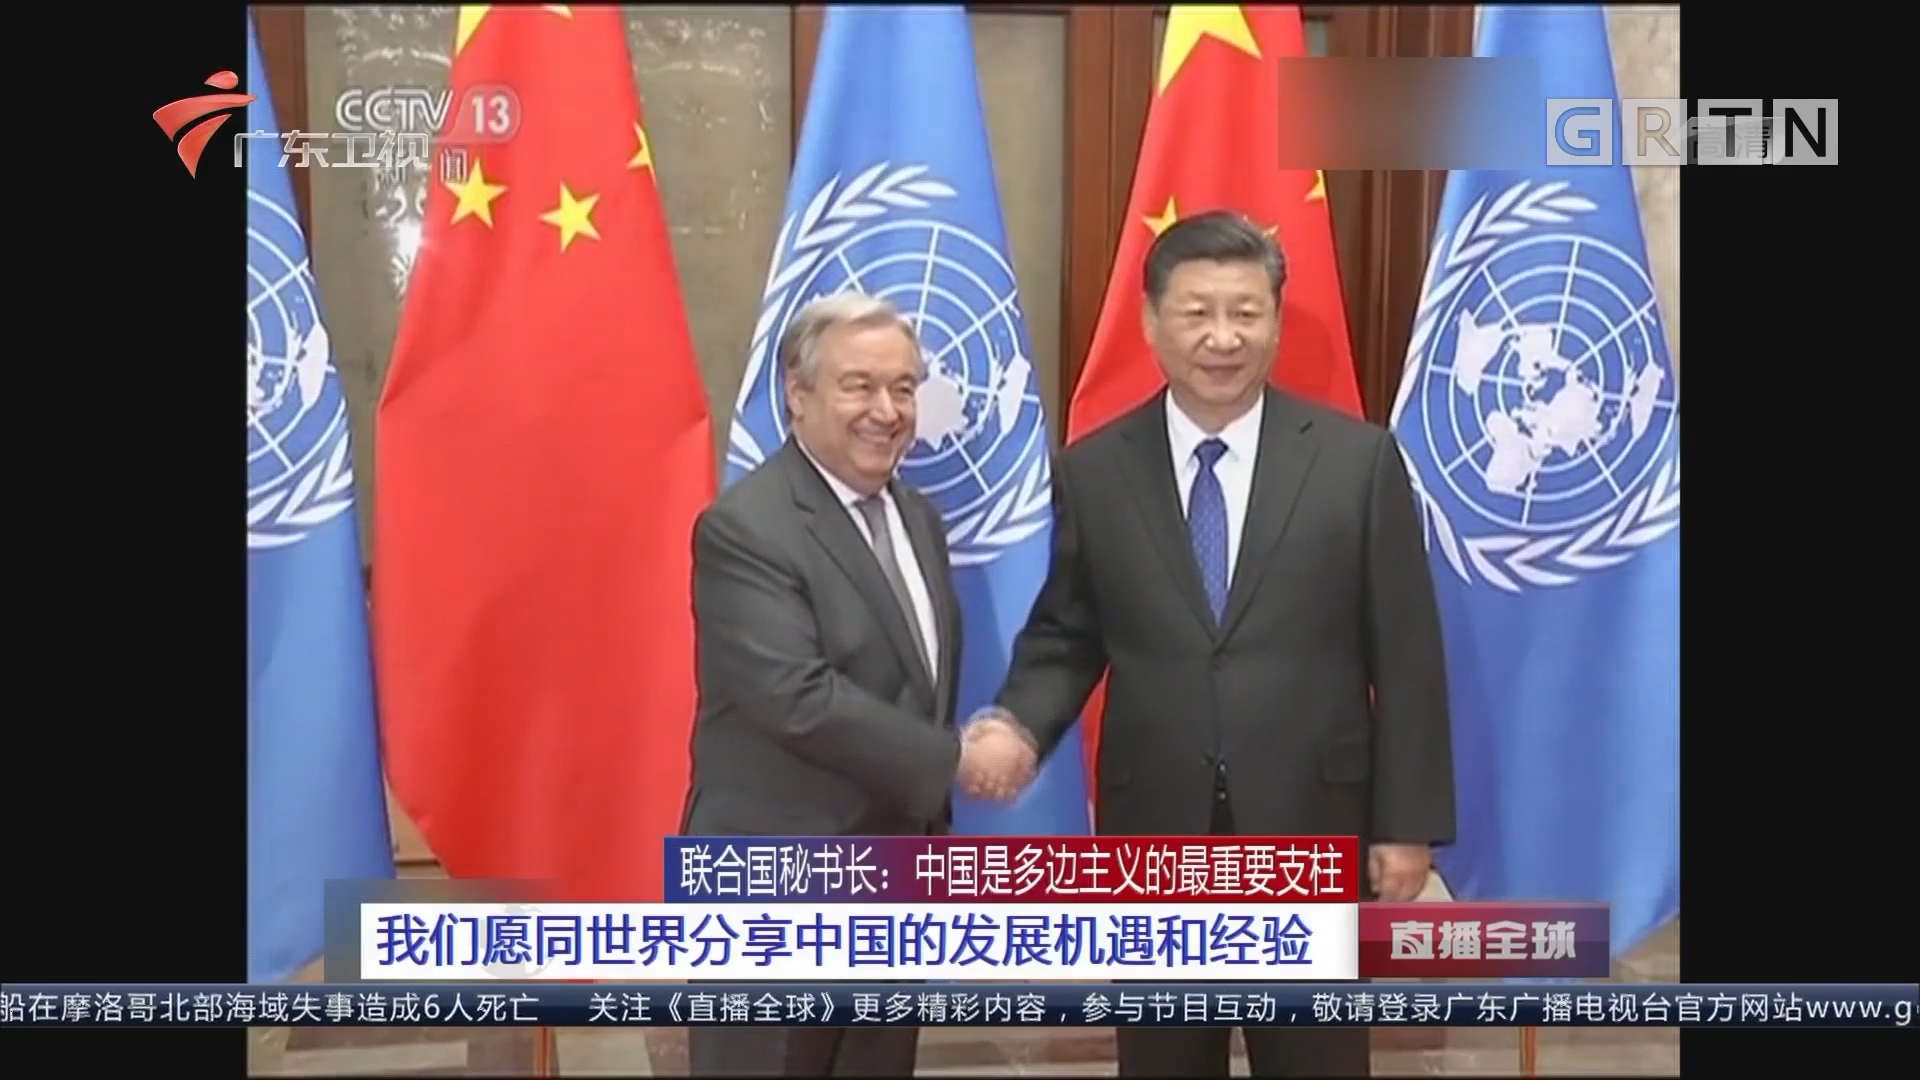 联合国秘书长:中国是多边主义的最重要支柱 我们愿同世界分享中国的发展机遇和经验